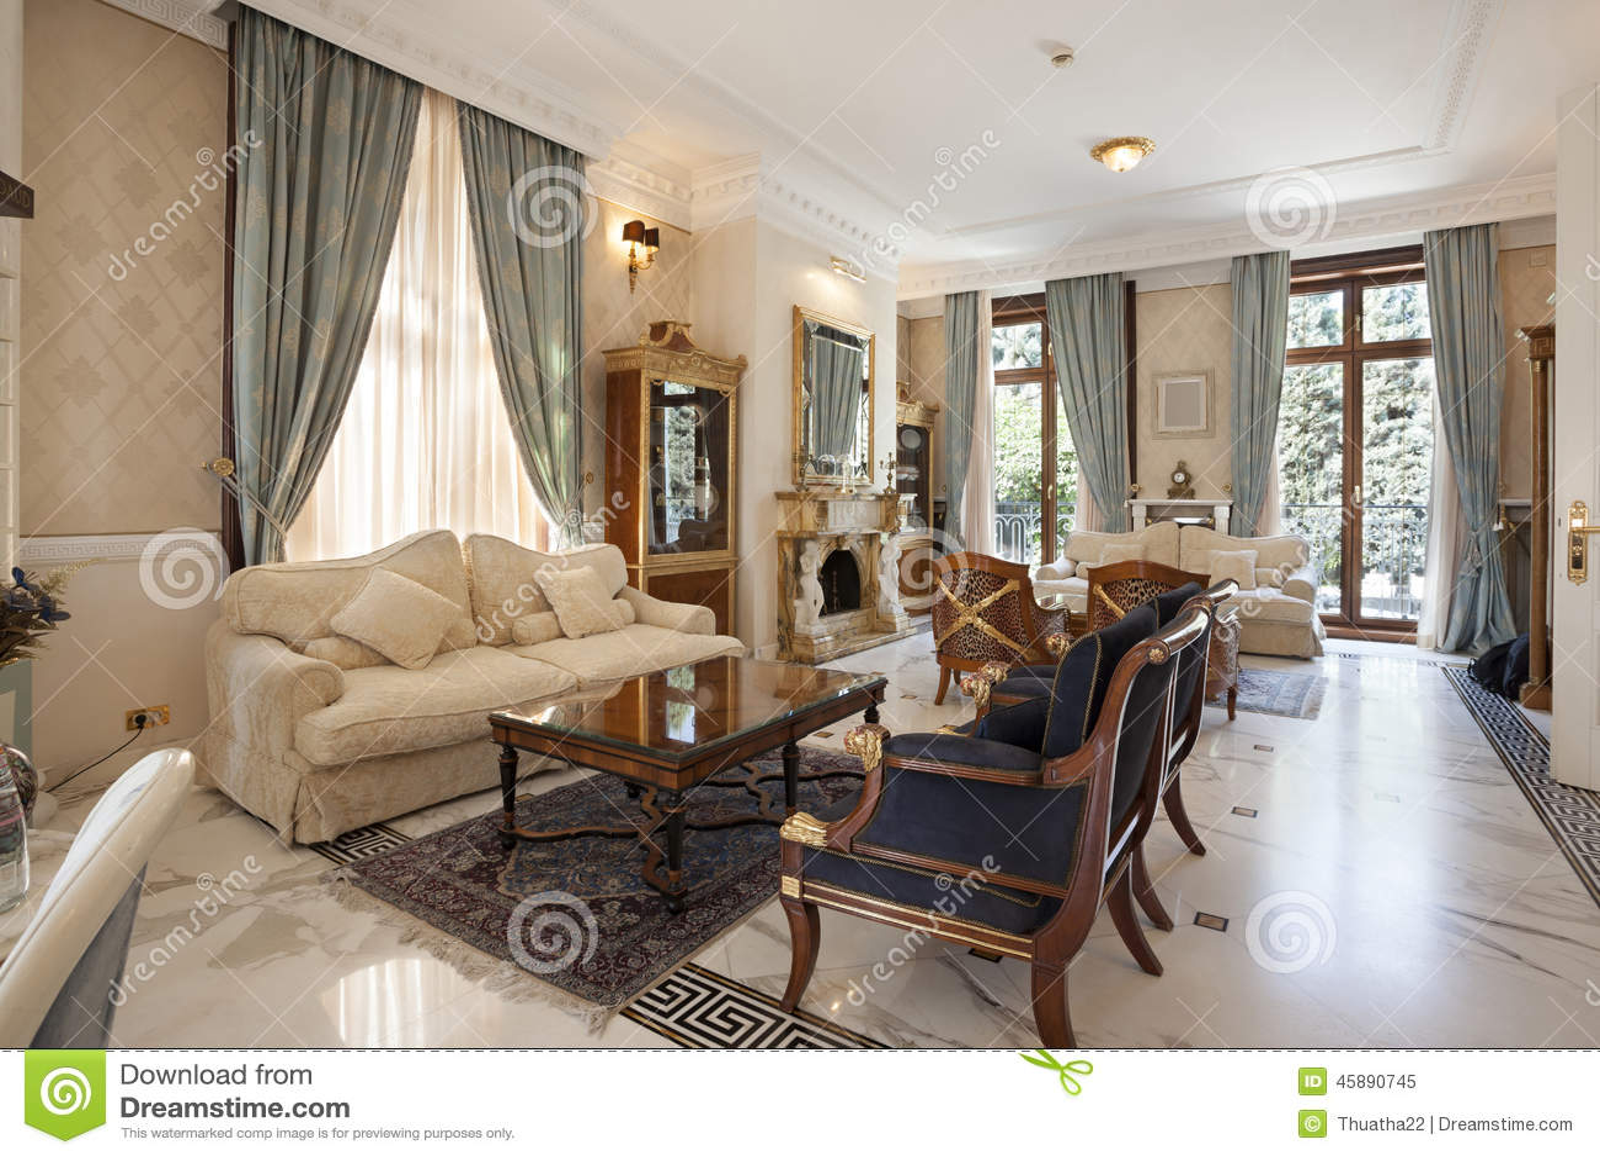 Interni Villa Di Lusso : Interno di un salone classico di stile villa di lusso stock photos